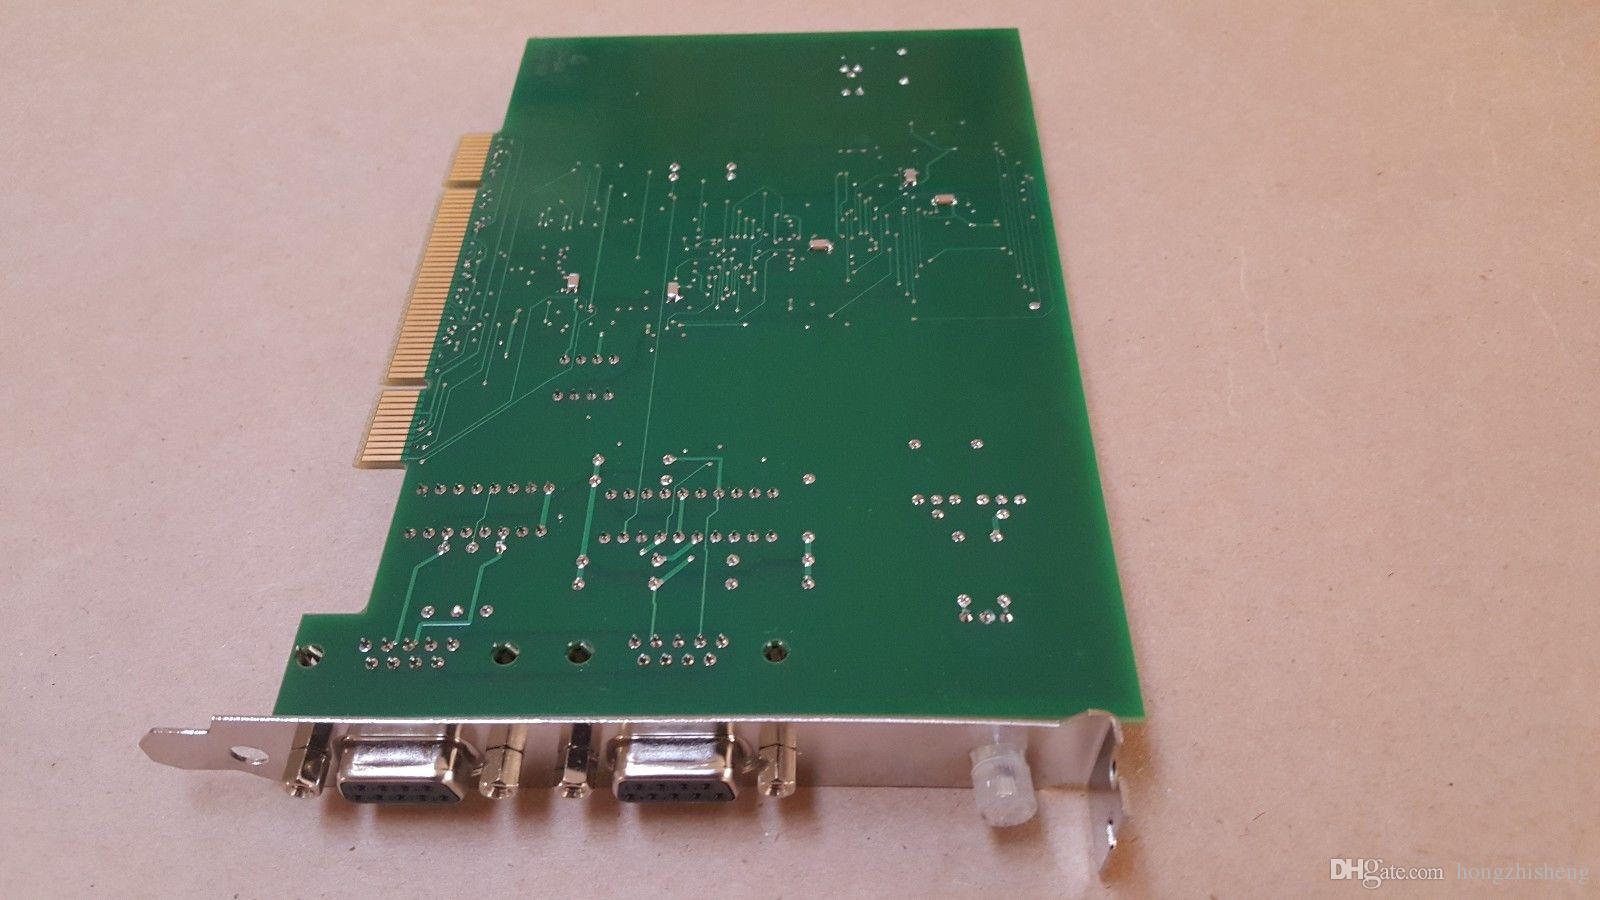 Доска промышленного оборудования нулевой пакет замена карты Миченер инженерных конструкций LD0048B SS0048B